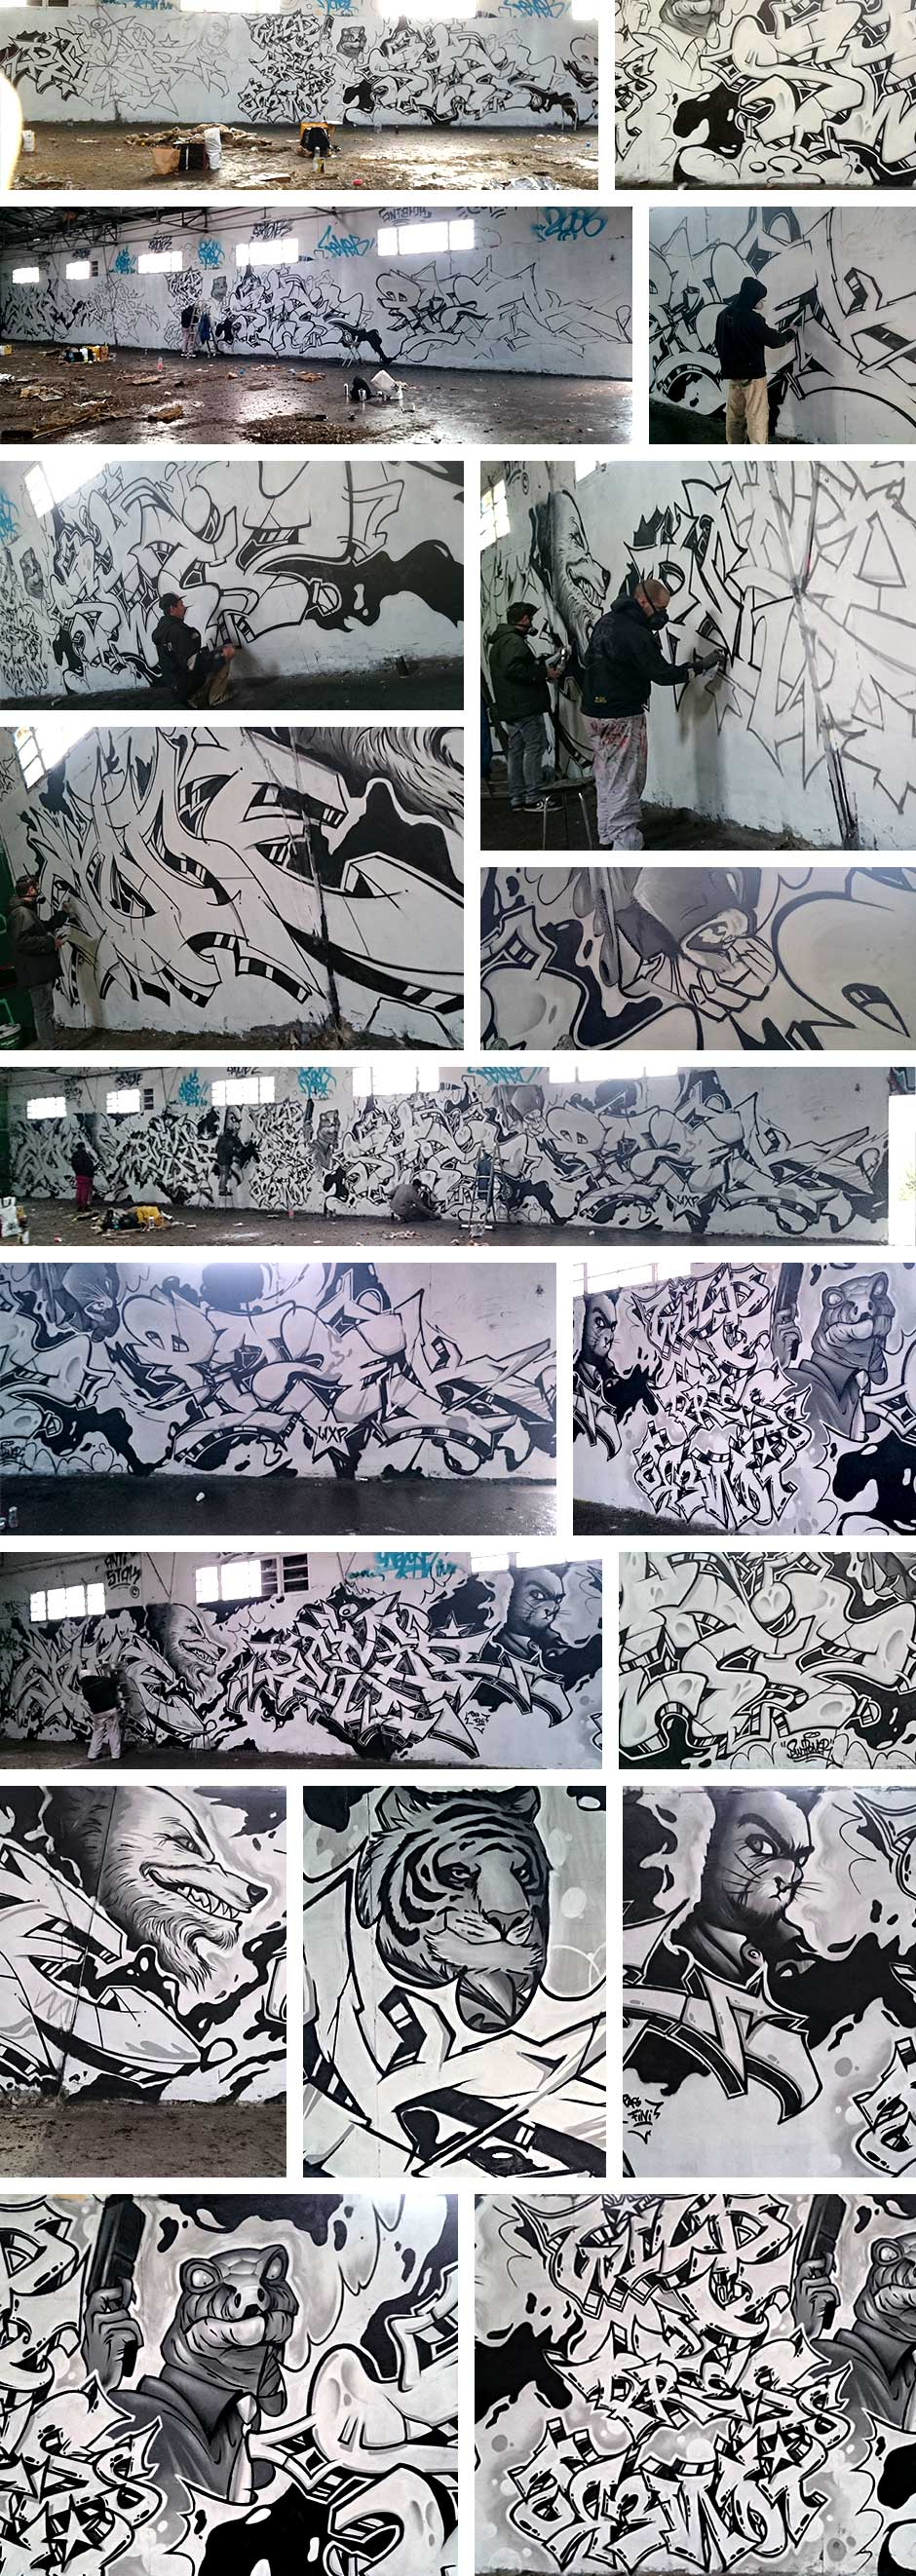 Graffiti WXP 3 ans